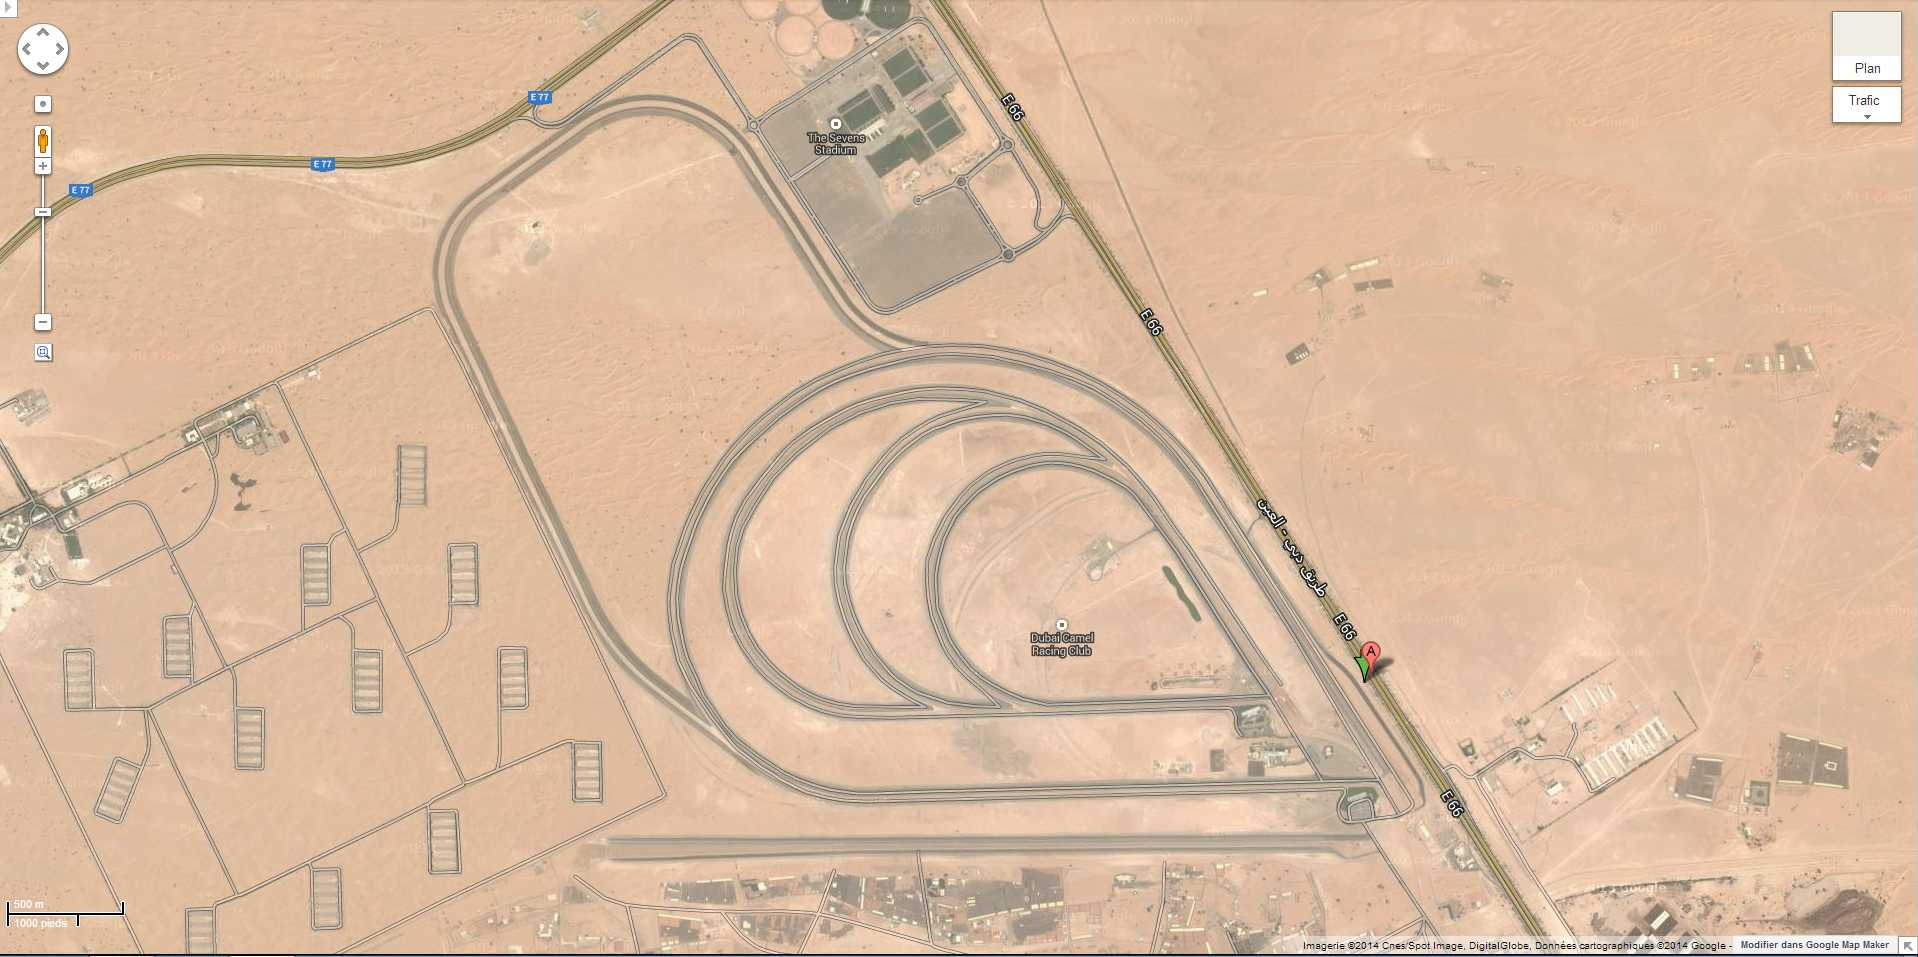 L'évolution des infrastrucures aux Emirats Arabes Unis 2014-039